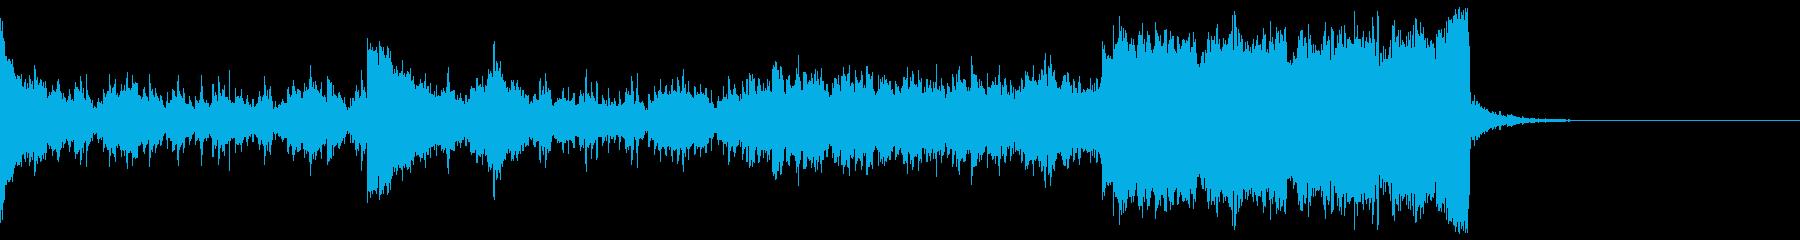 デジタル、CG、SFX等の映像ショート⑧の再生済みの波形